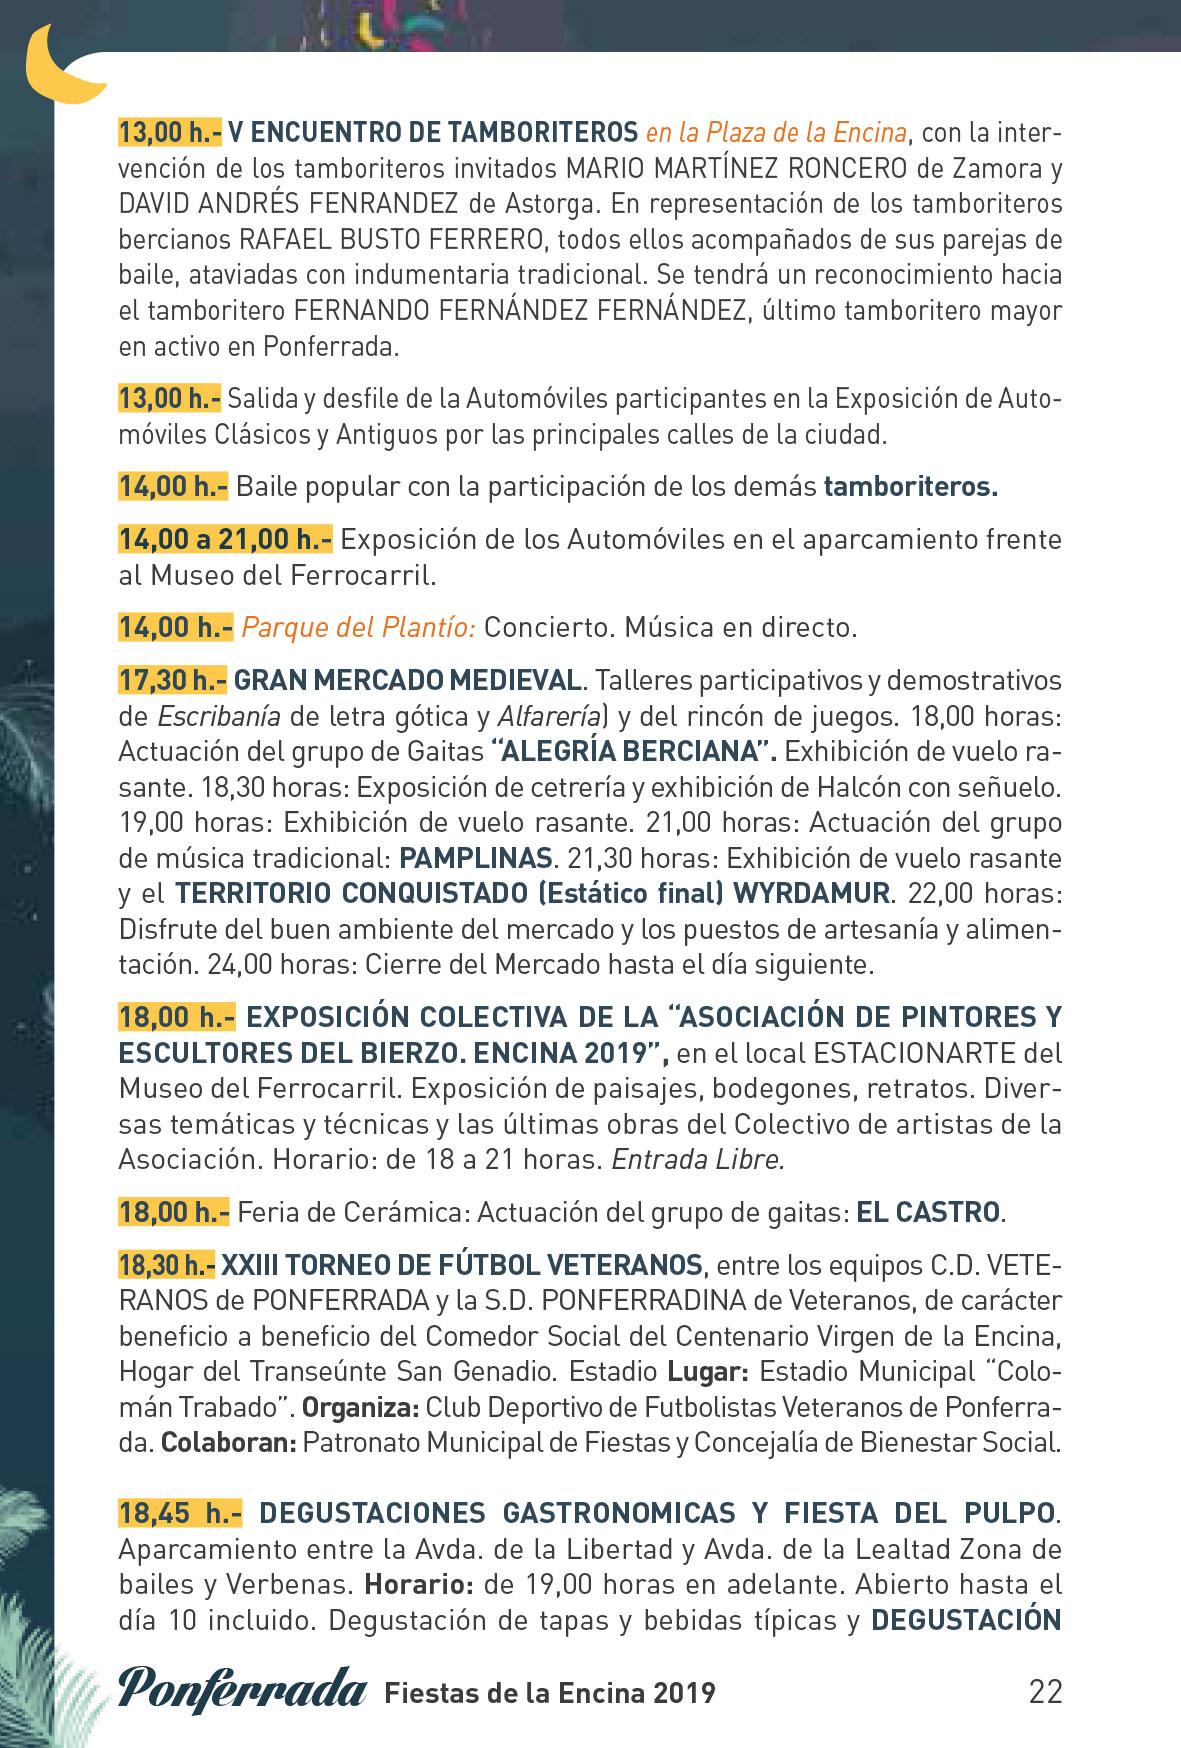 Fiestas de la Encina 2019. Programa y actividades 22